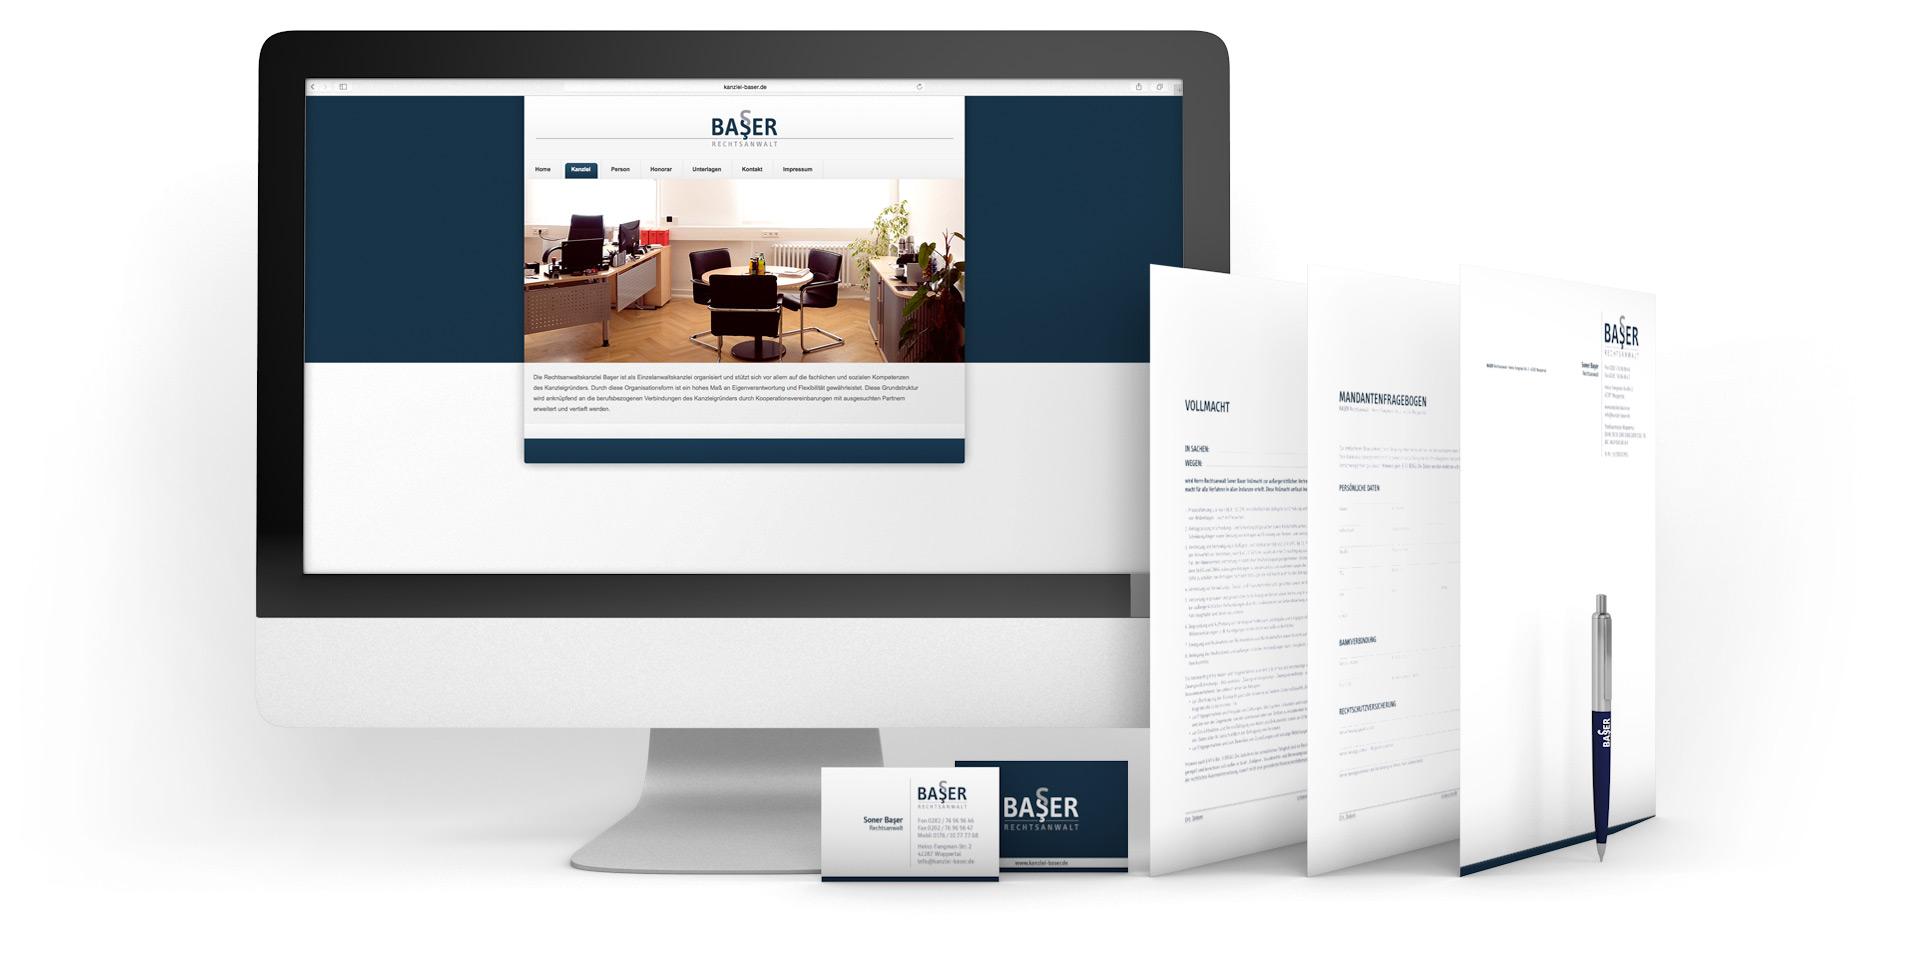 Produkte aus dem Corporate Design und die Website der Kanzlei Baser